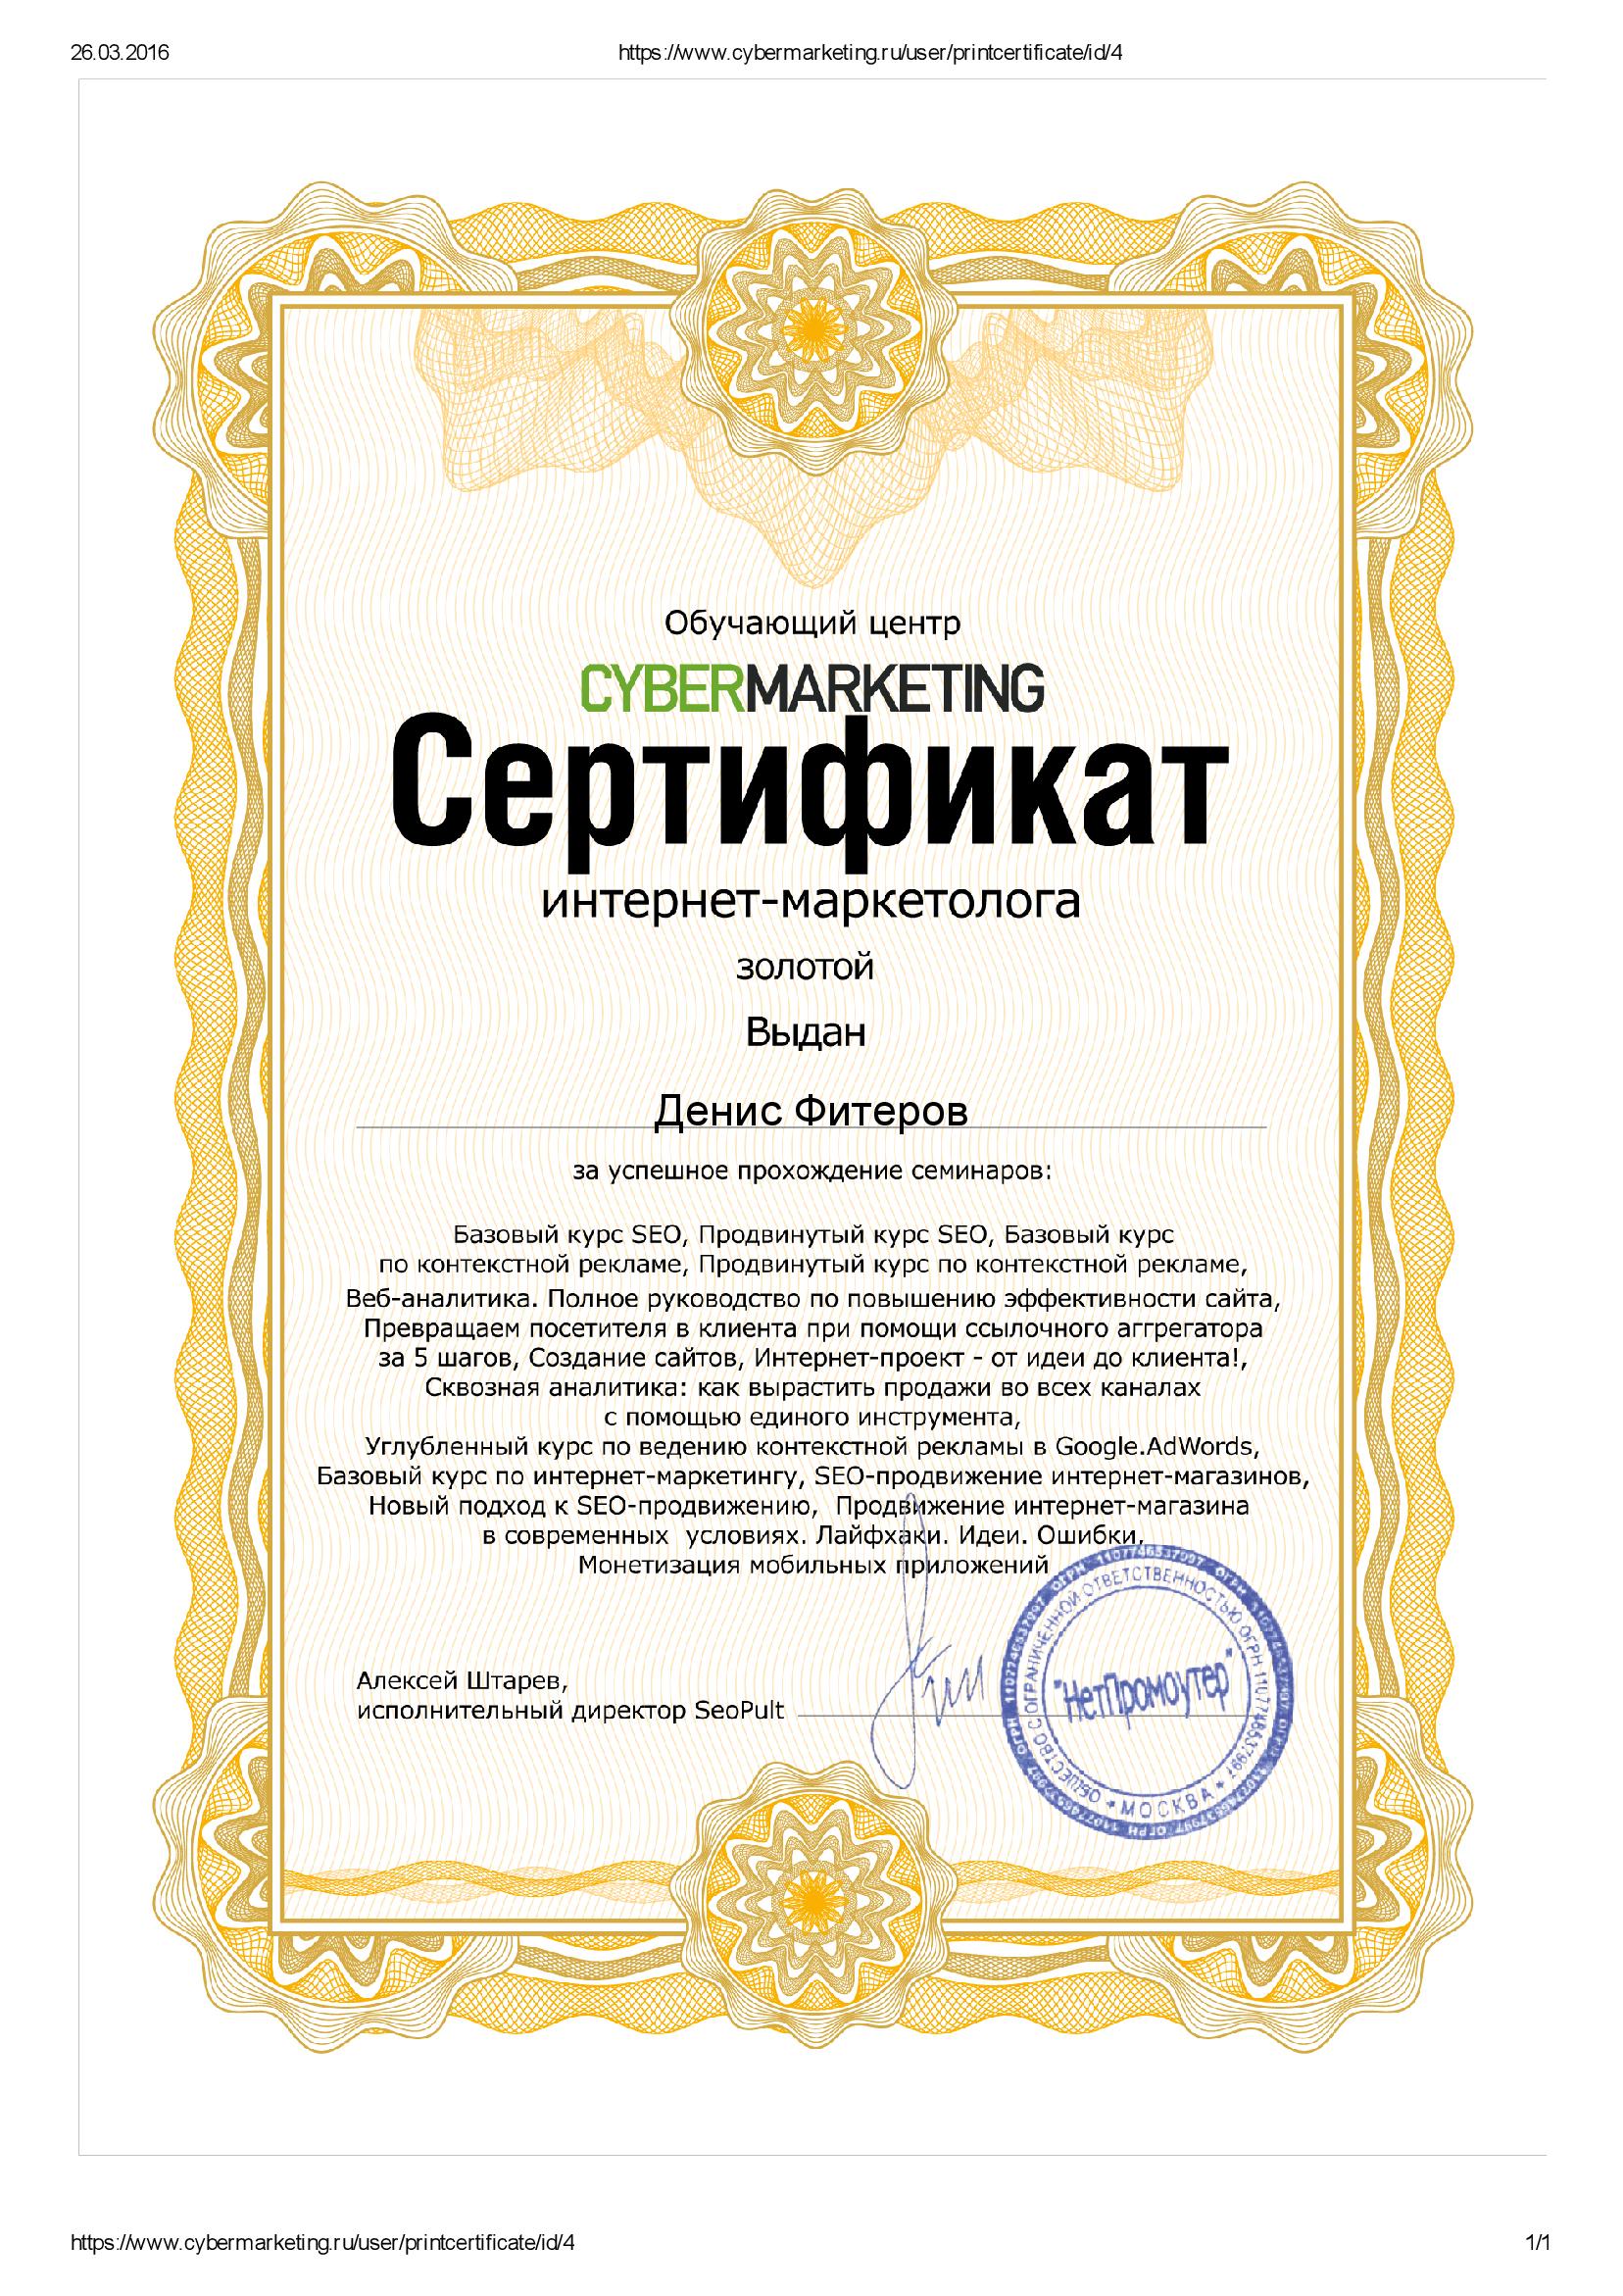 Обучающий центр Cybermarketing (Кибермаркетинг)